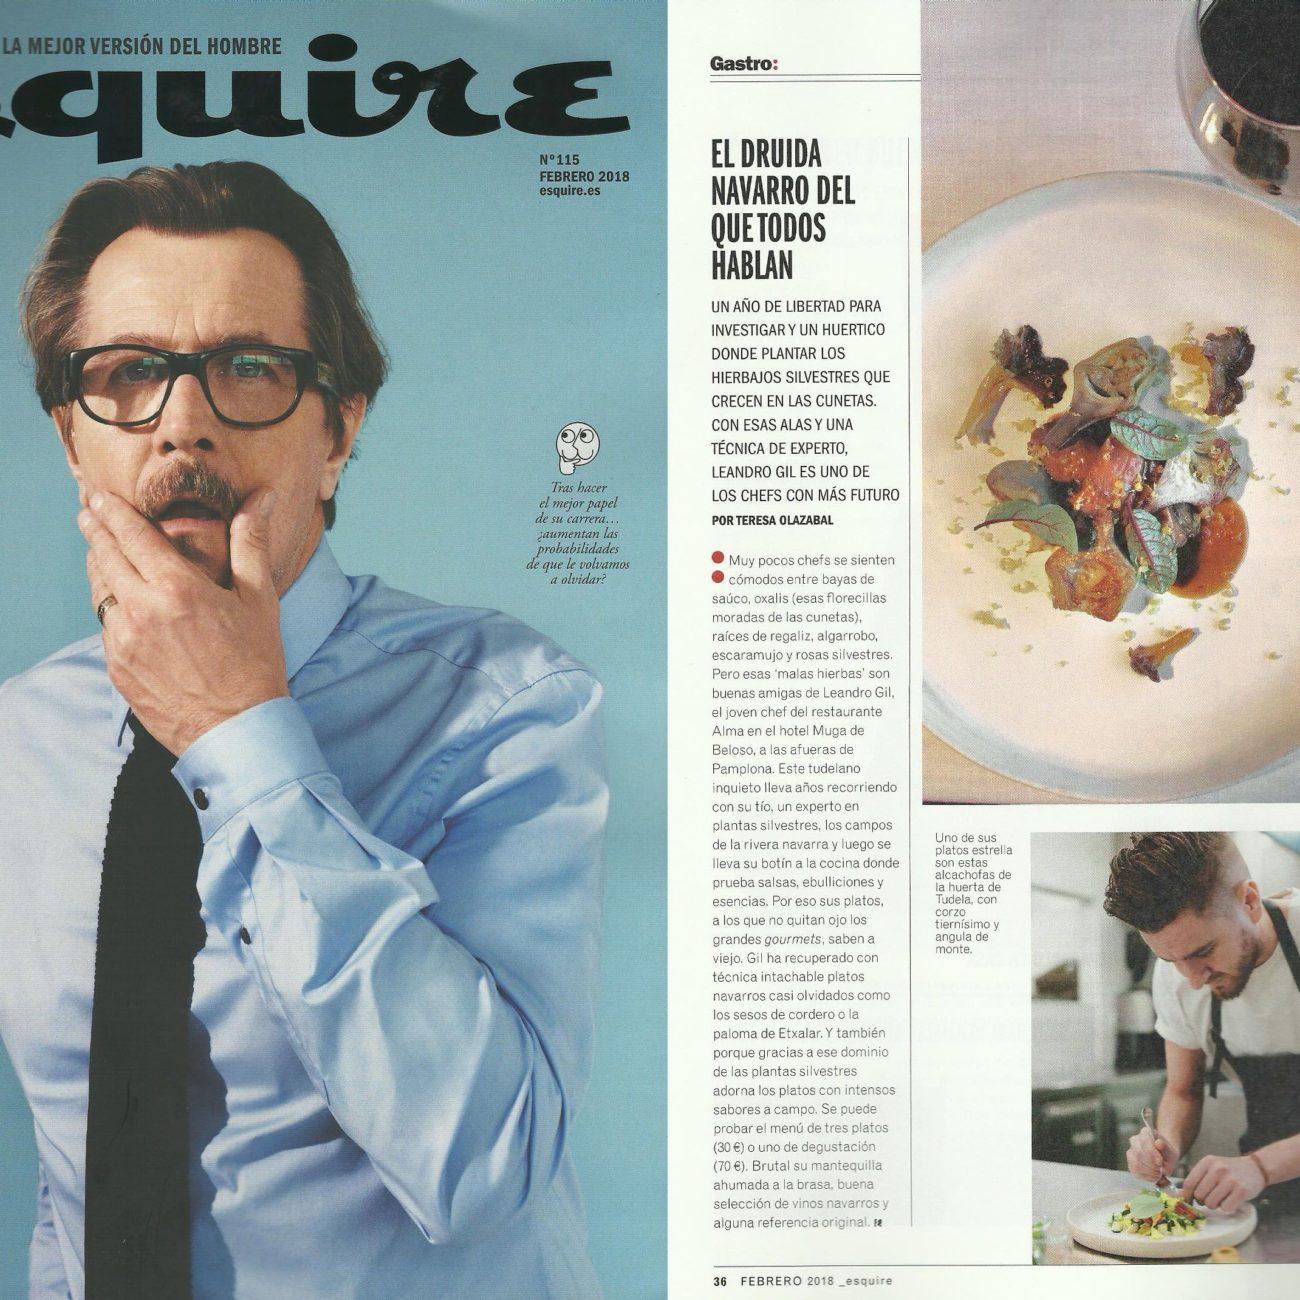 Esquire_febrero 2018 juntos